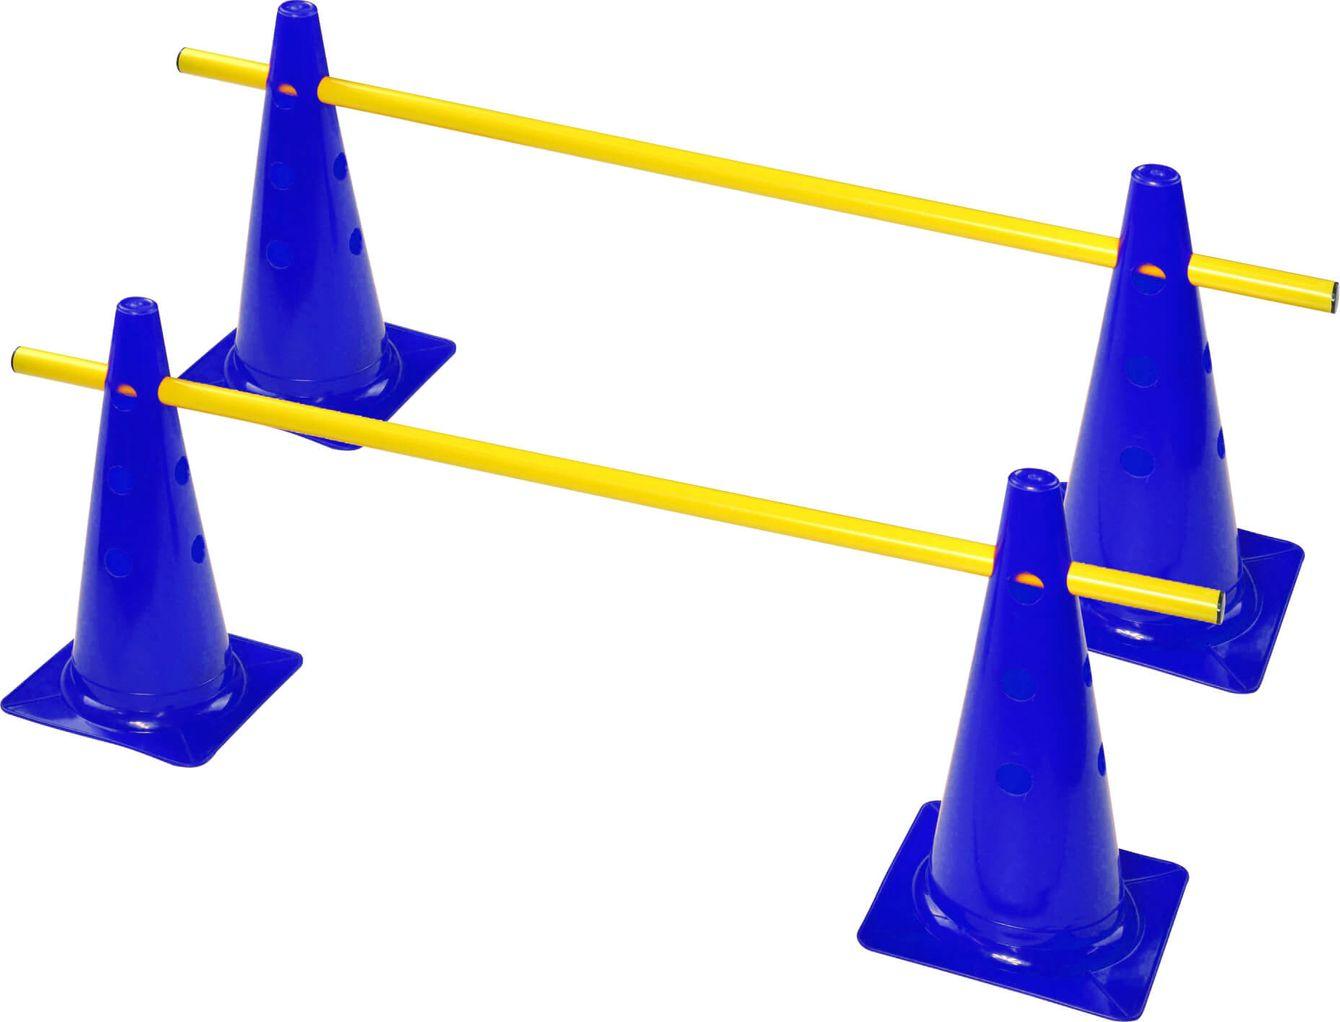 zestaw treningowy | 4 pachołki z otworami 38 cm + 2 tyczki 1 m